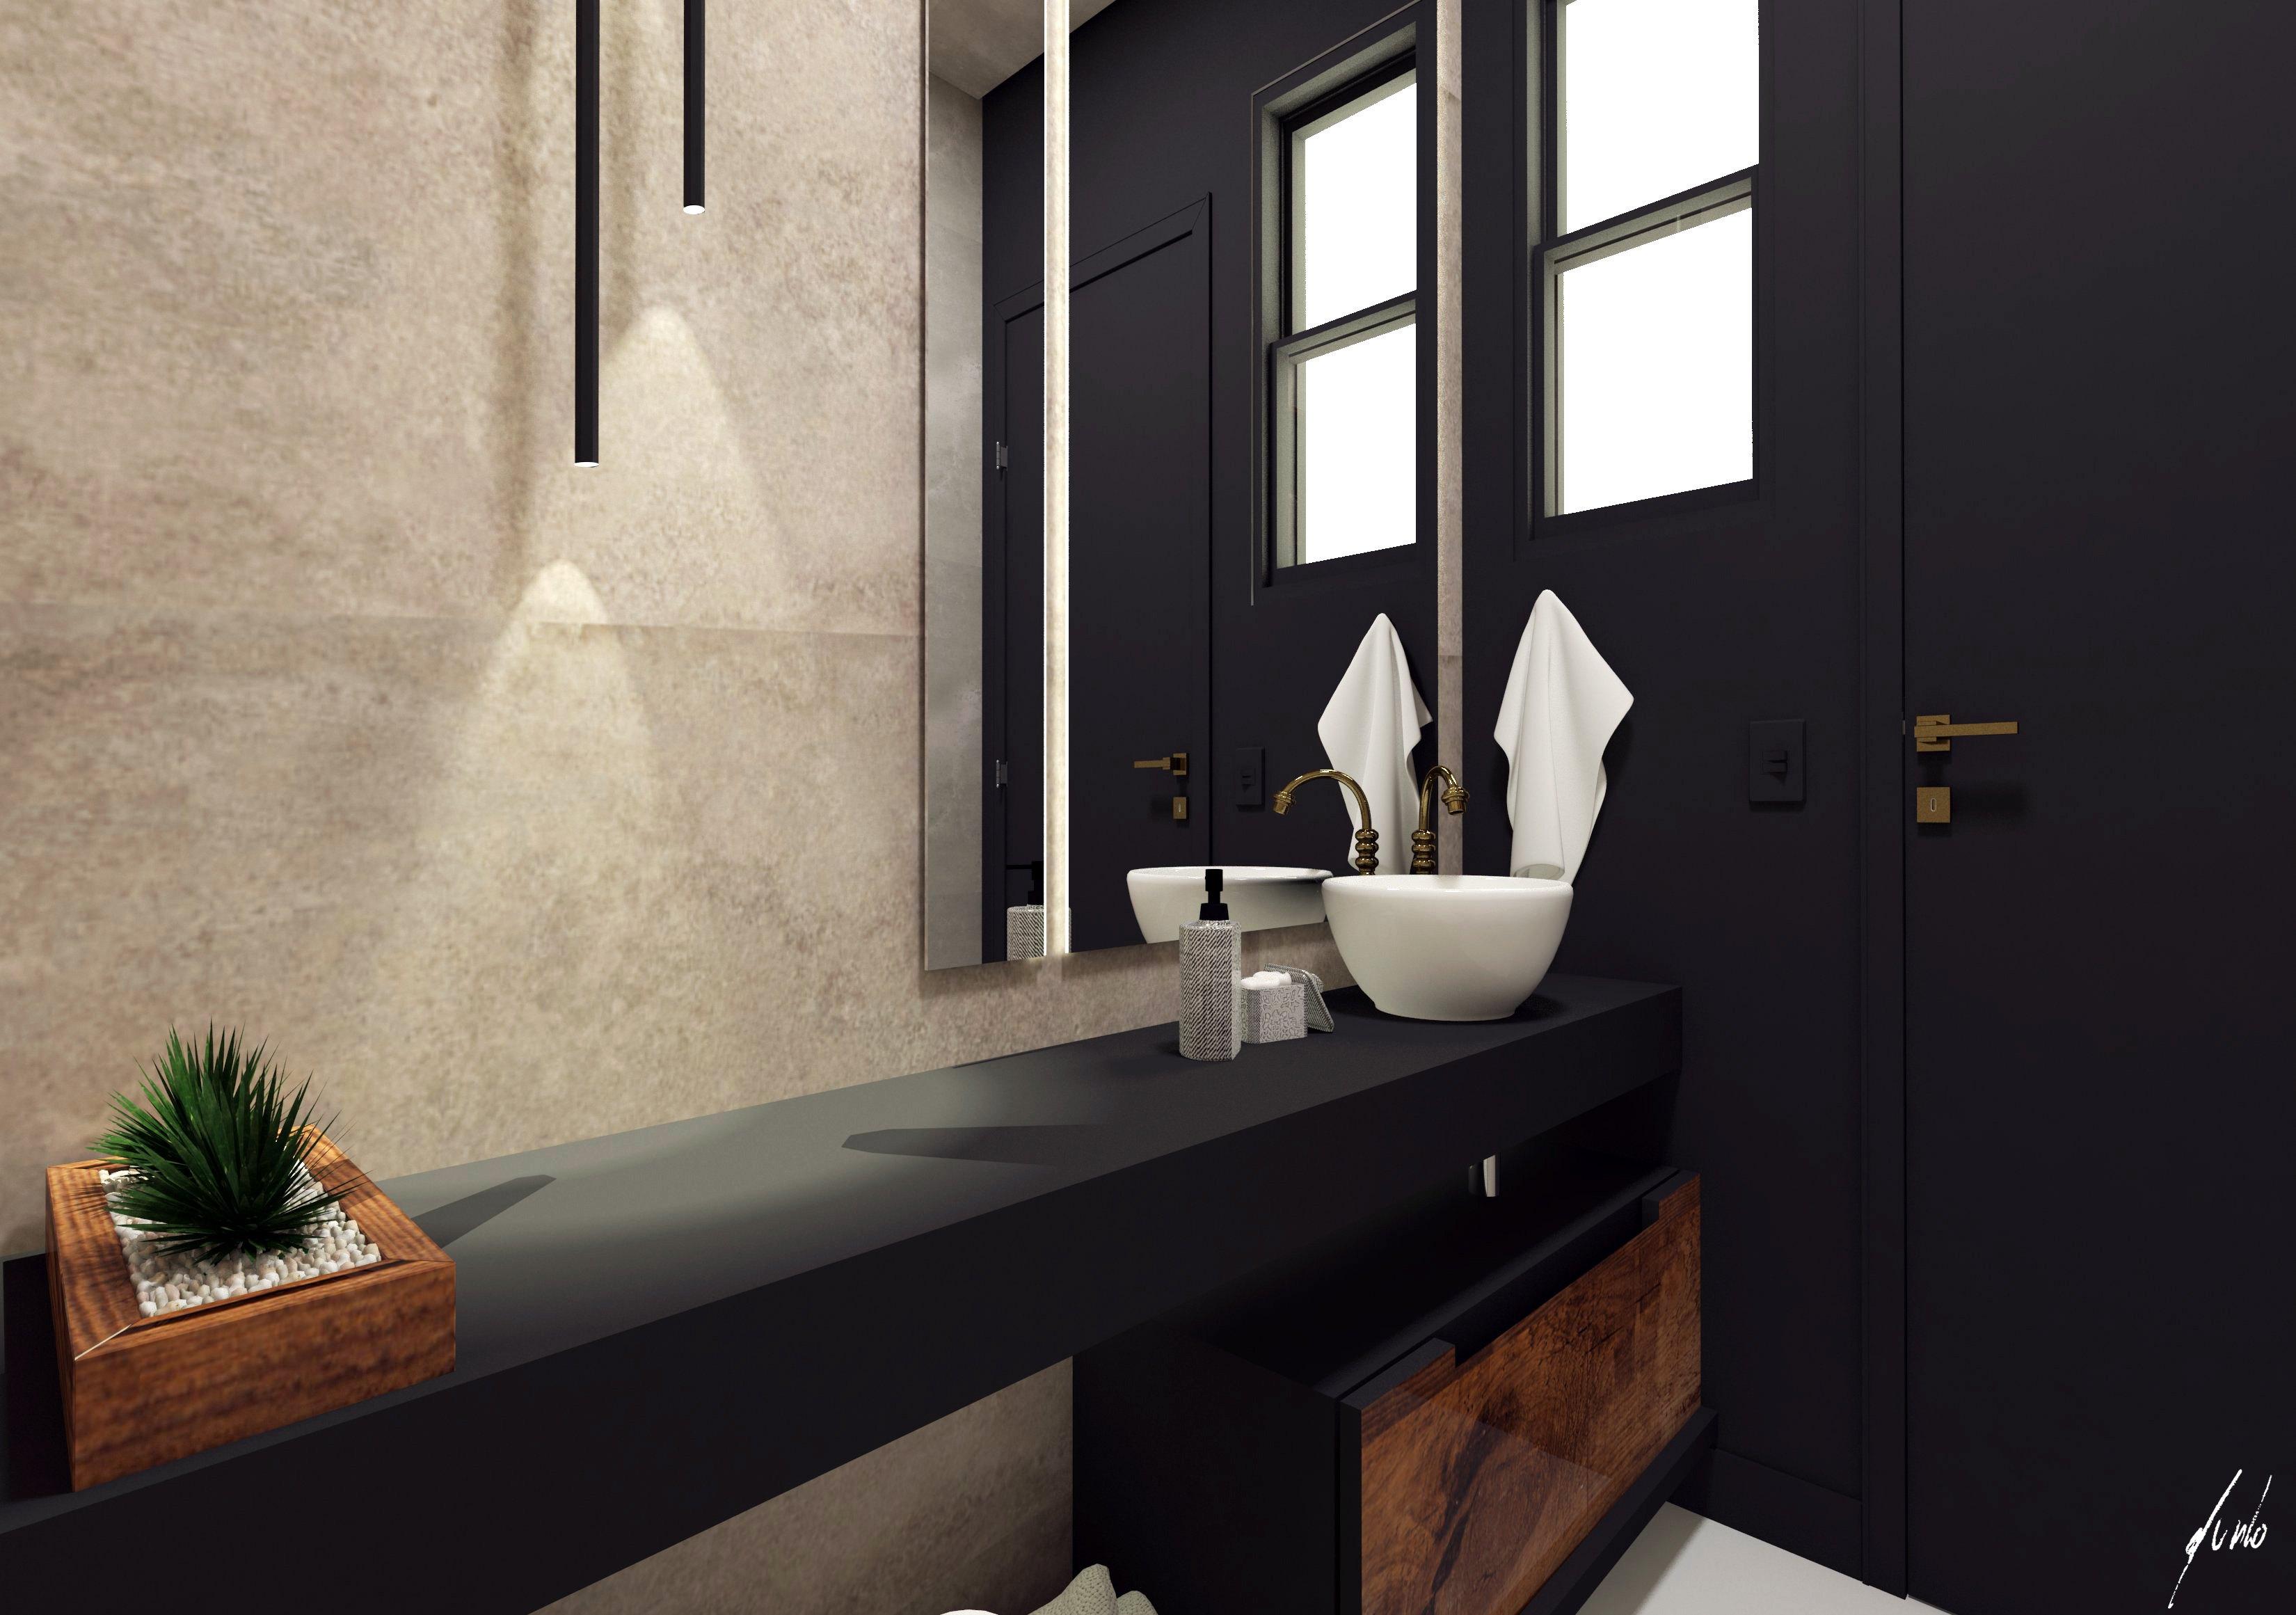 Lavabo moderno preto cimento ideias - Design e decoração de interiores em Curitiba - projeto lavabo